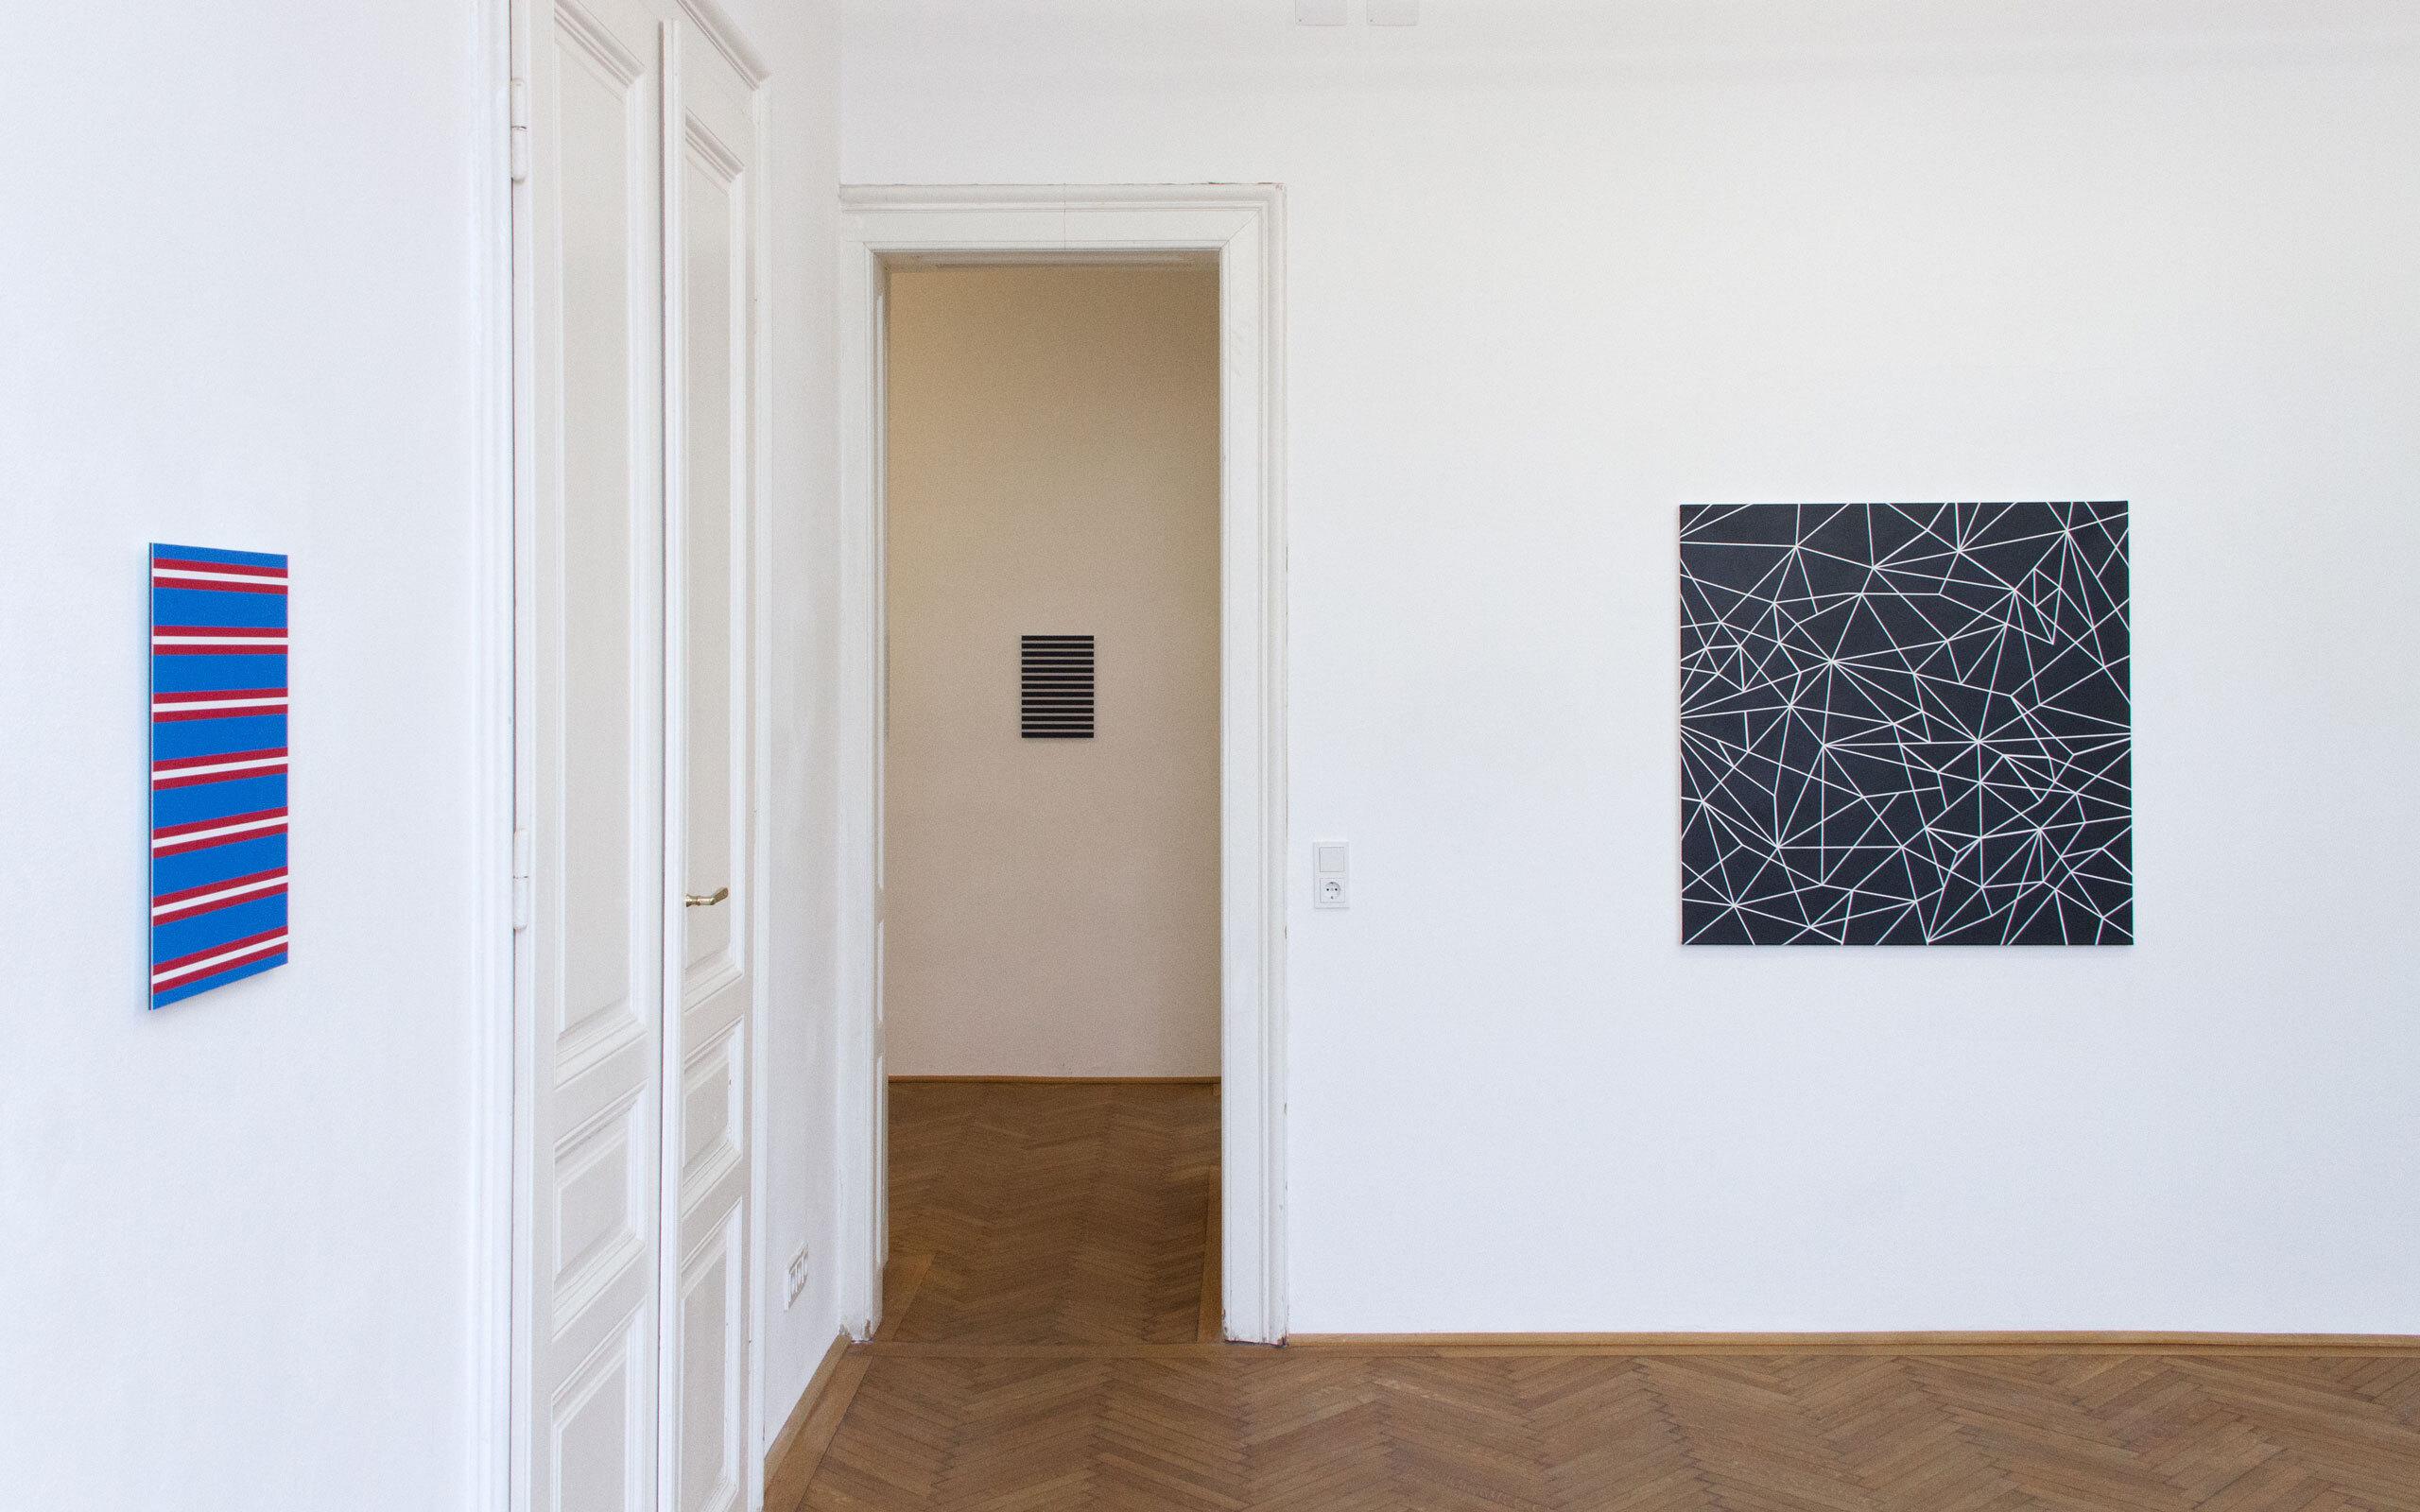 09 e stocker j dahlgren rules of abstraction fjk3